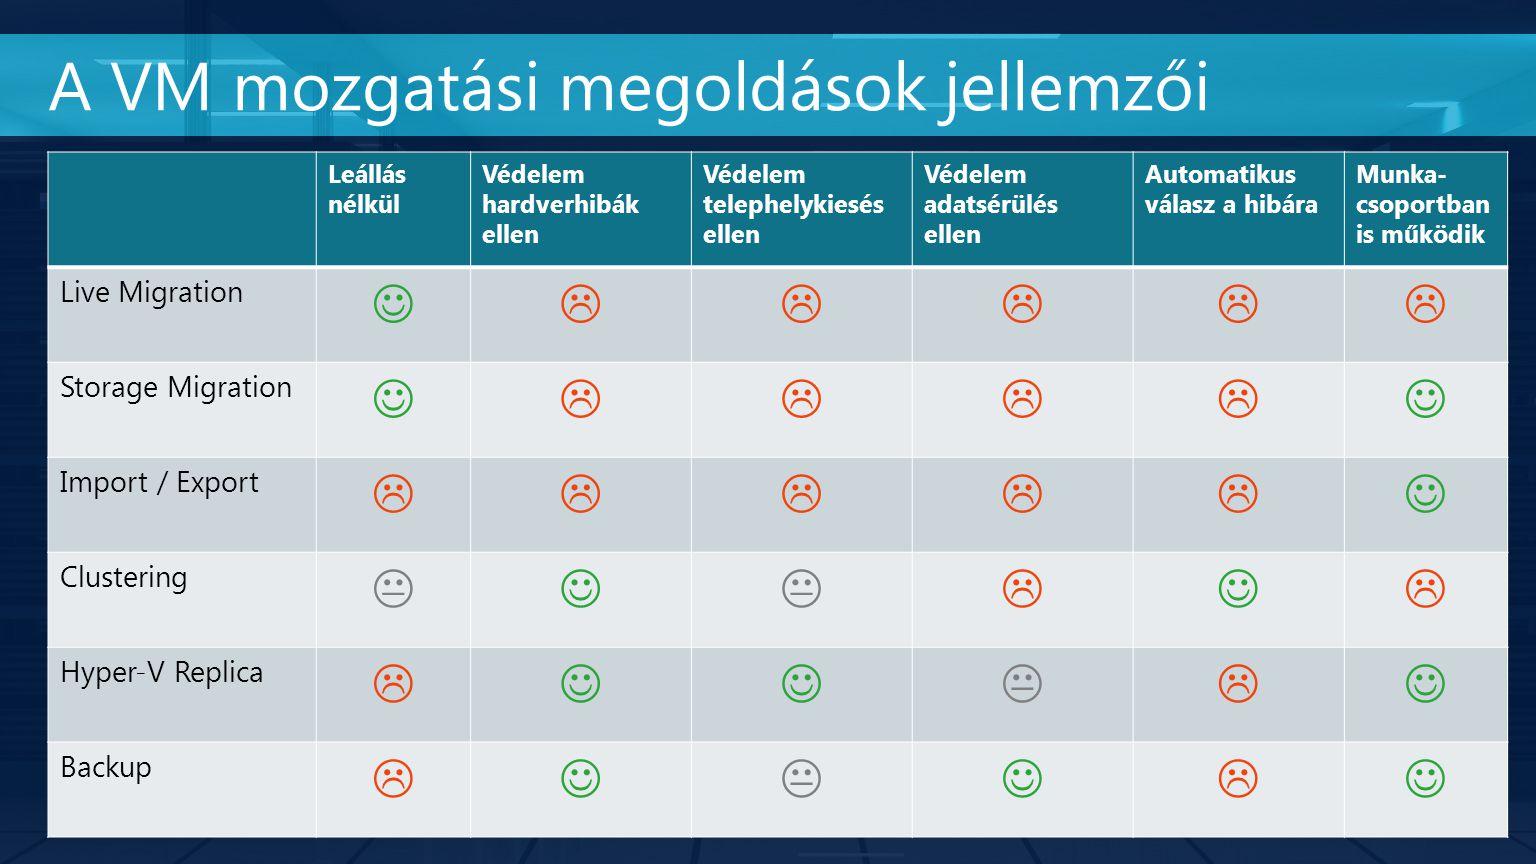 A VM mozgatási megoldások jellemzői